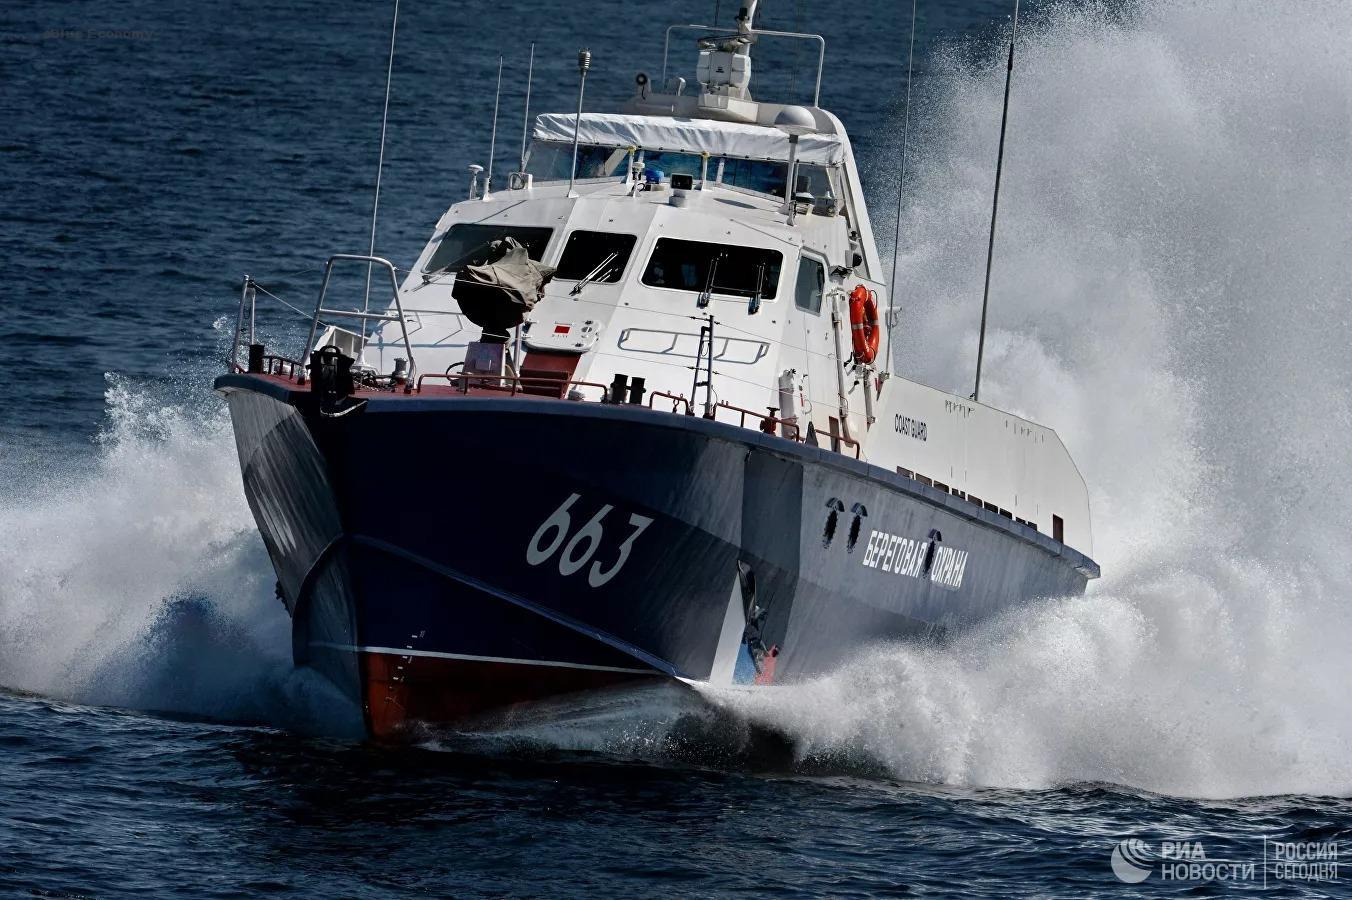 eBlue_economy_زورق صاروخي روسي يتوجه لإغاثة سفينة أوكرانية في البحر الأسود